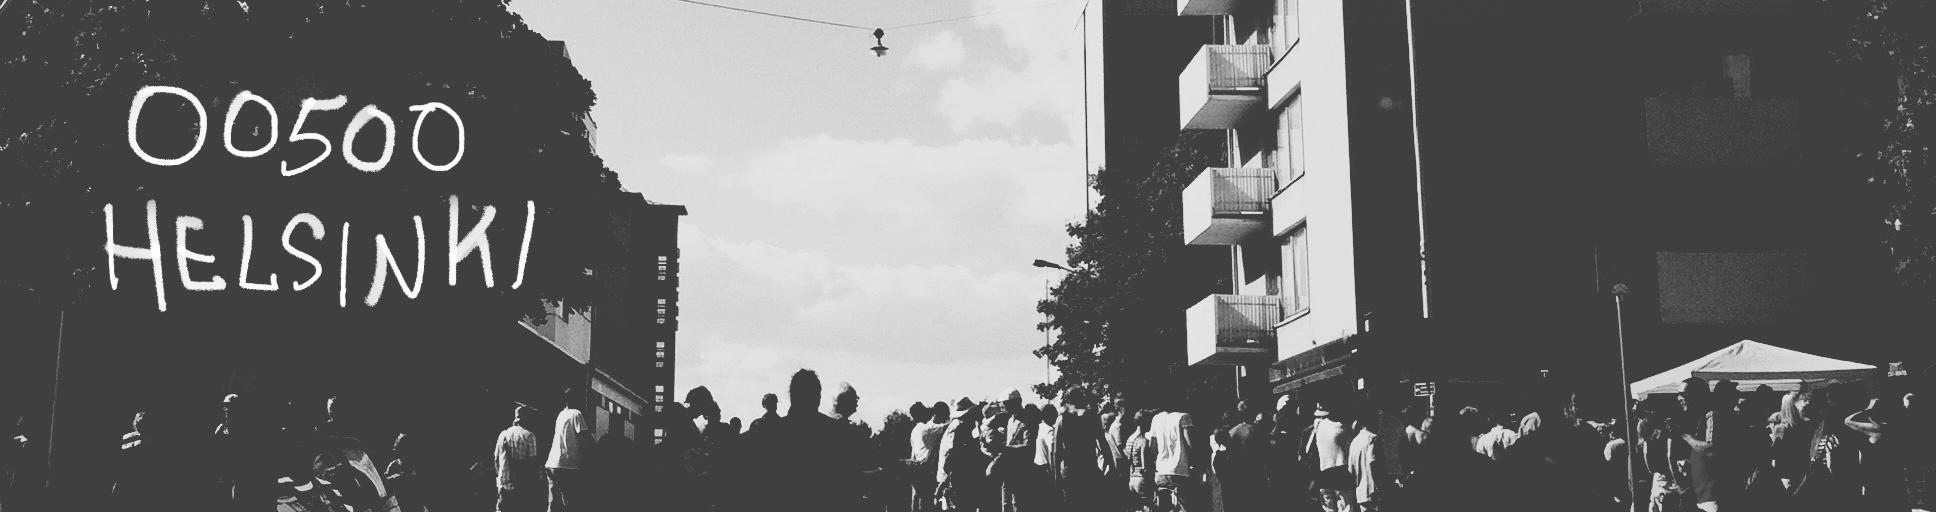 00500 Helsinki